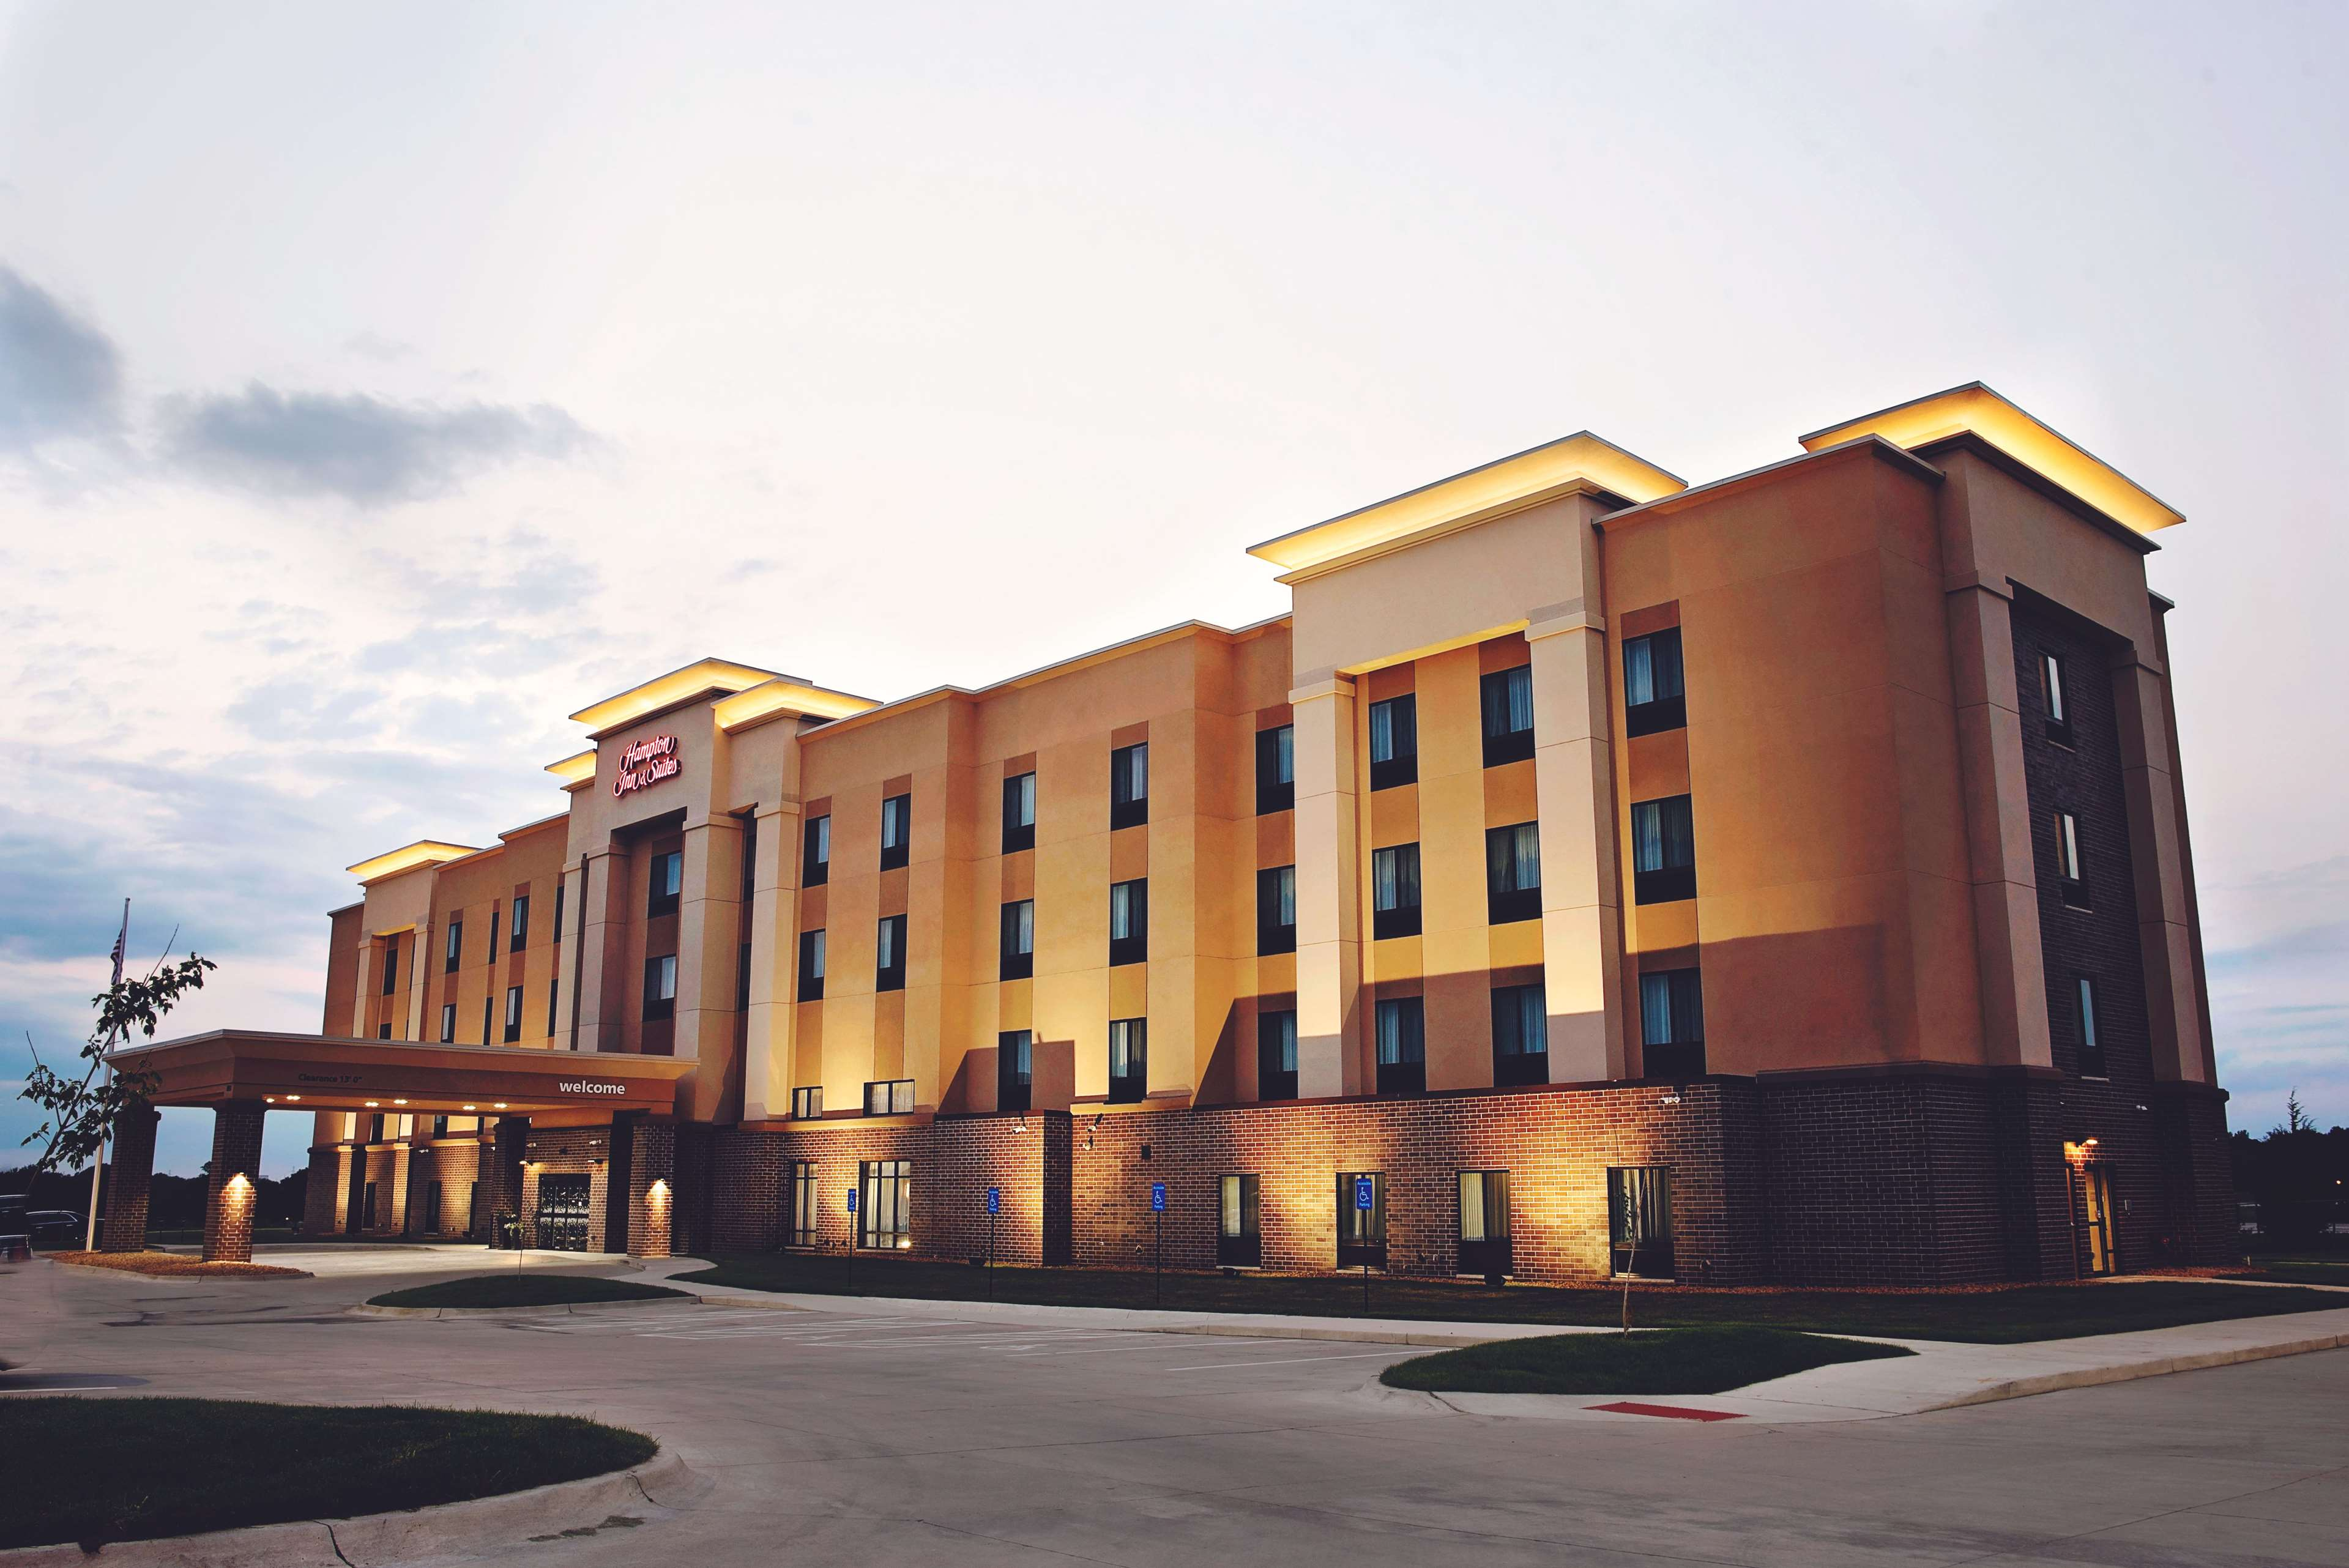 Hampton Inn & Suites Des Moines/Urbandale image 2